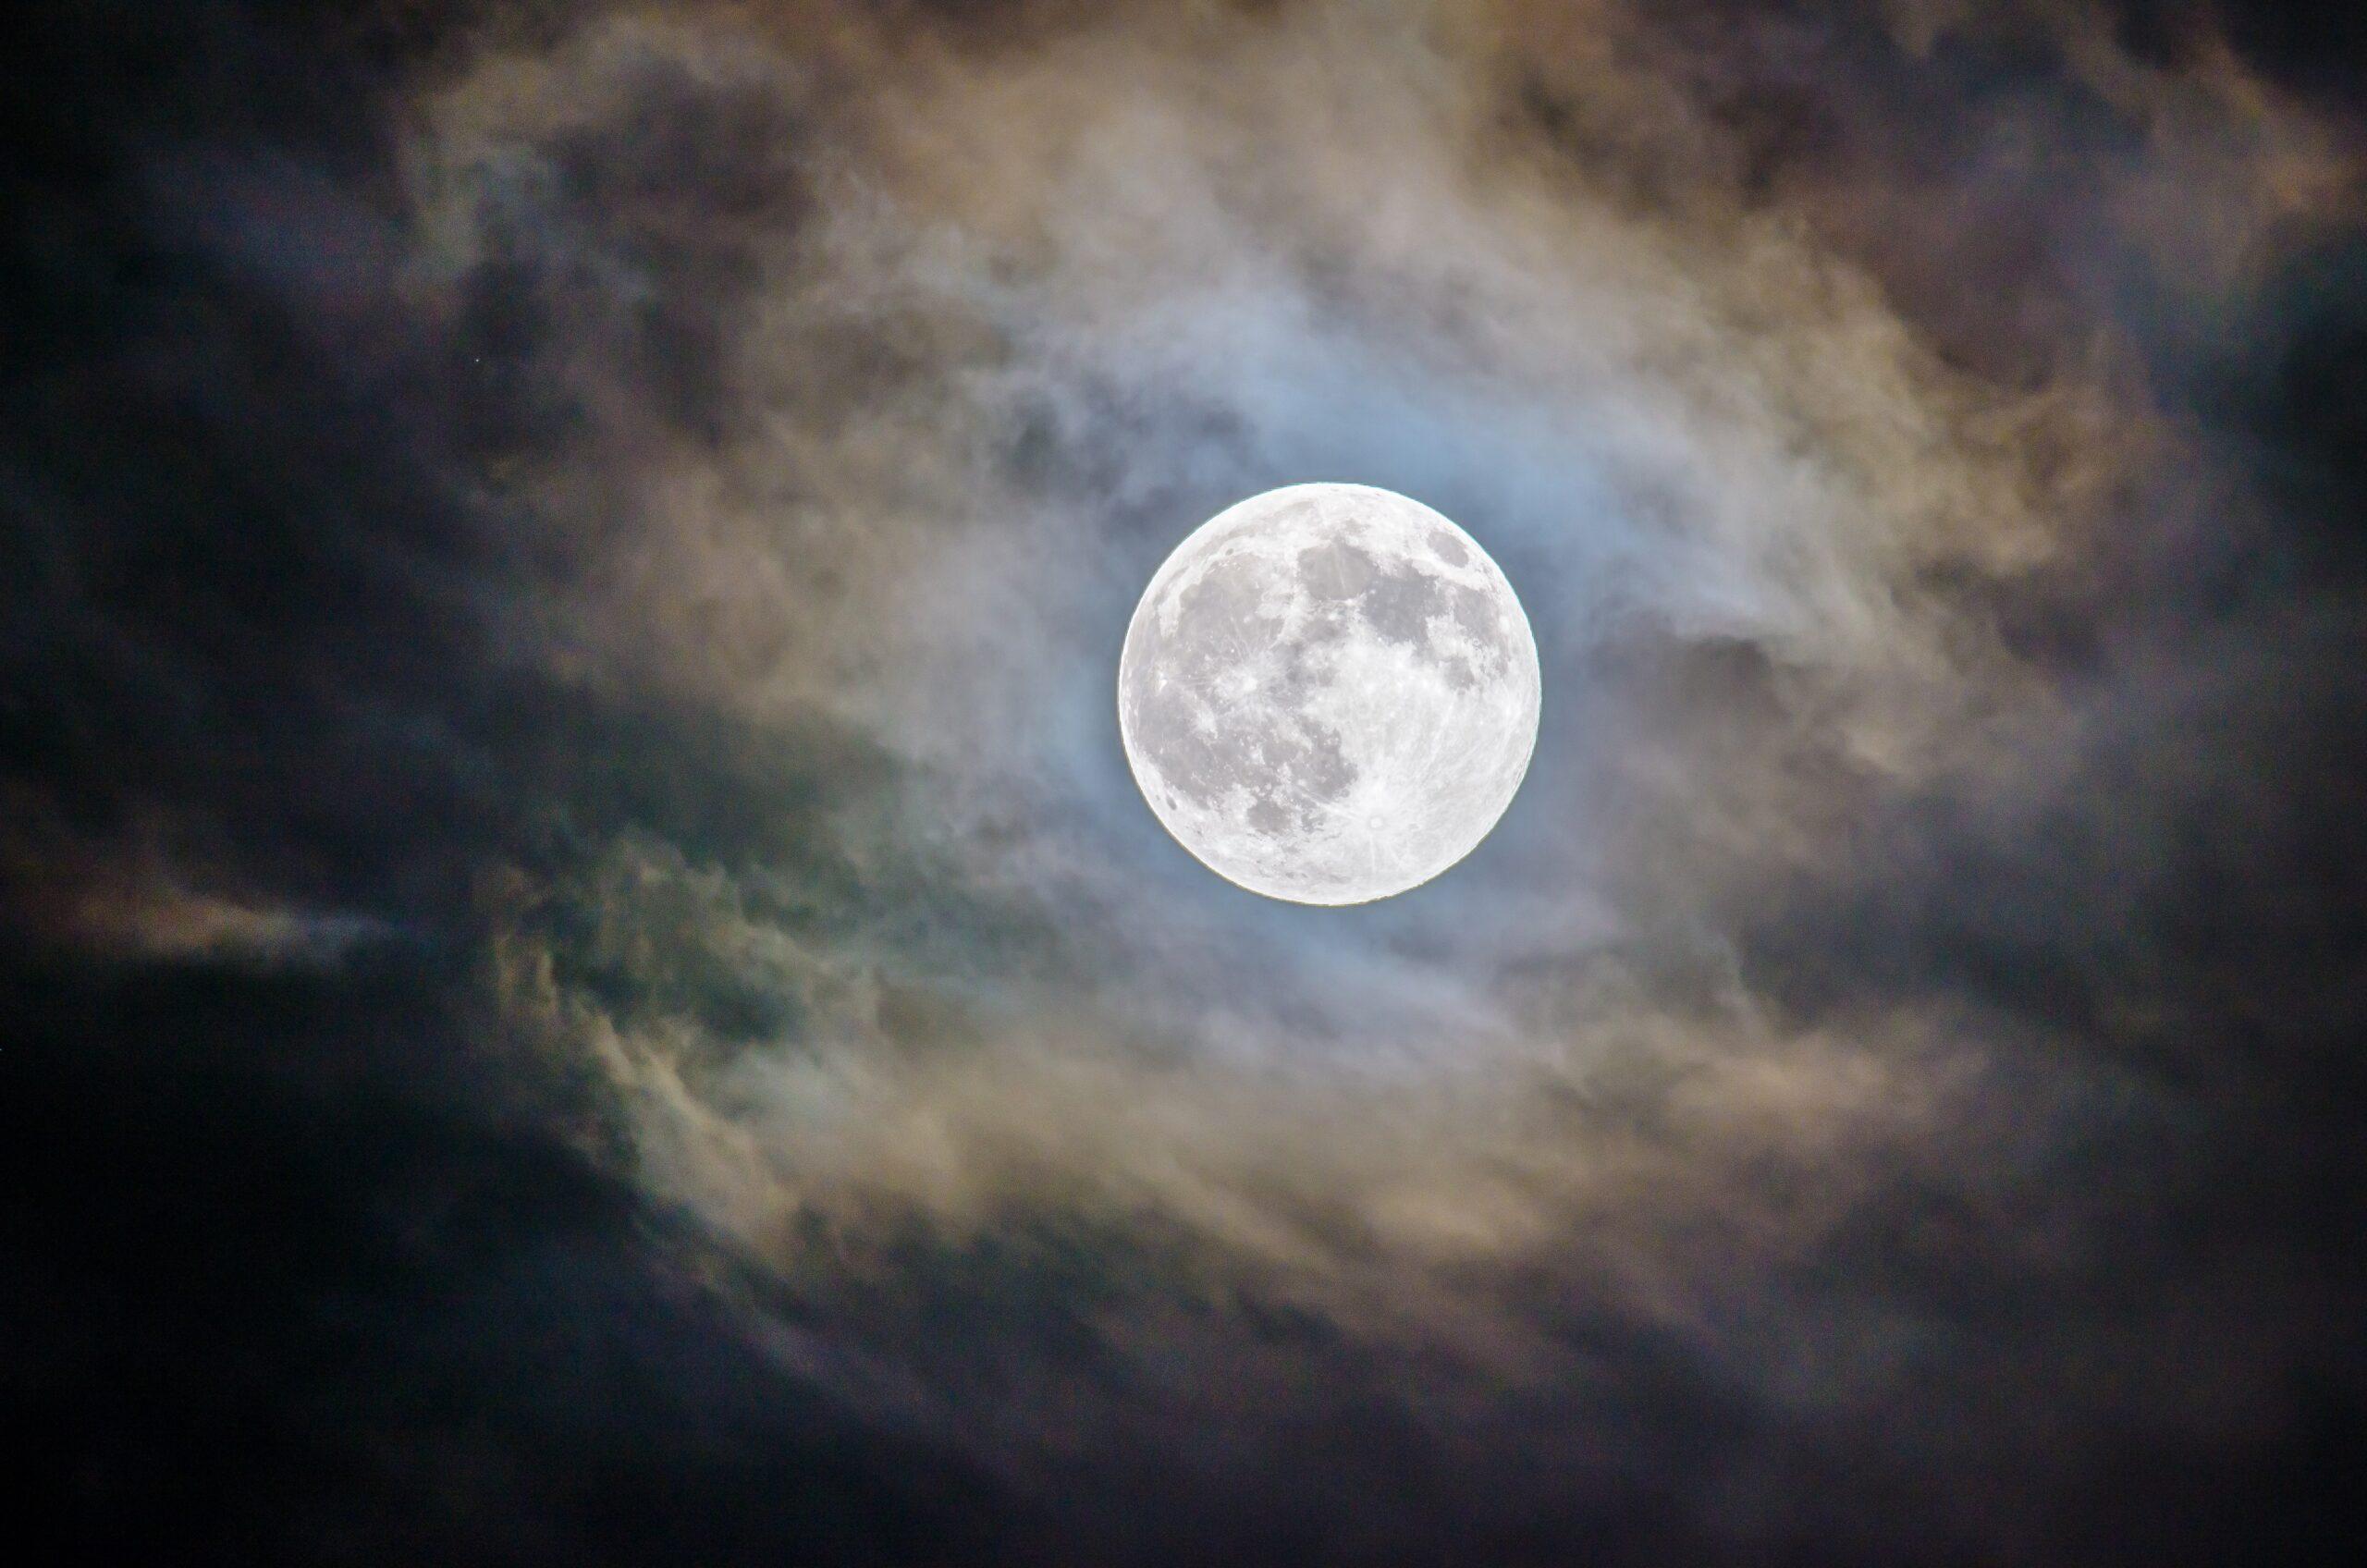 おごるなよ、丸い月夜もただ一夜